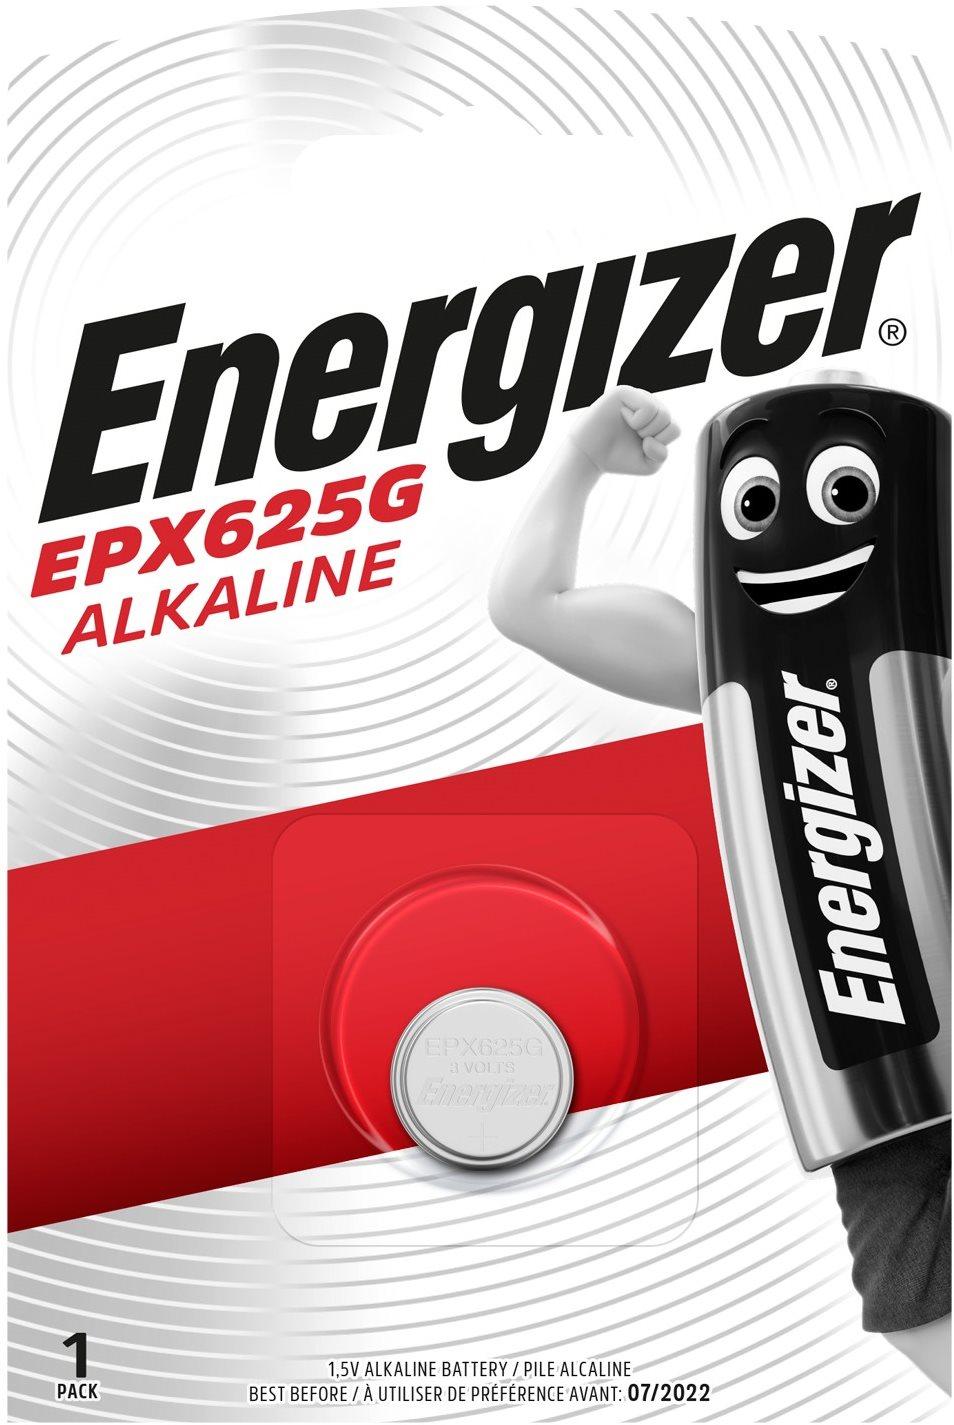 Energizer speciális alkáli elem LR9 / EPX625G